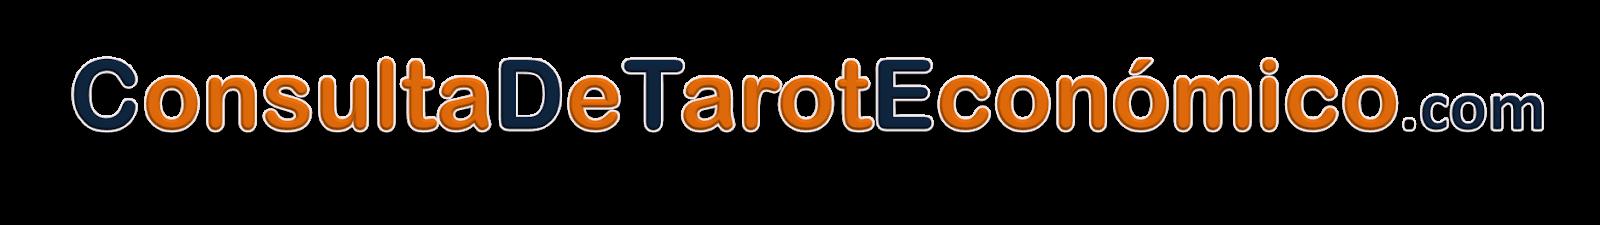 Tarot Barato | Económico 5€/15m | Fechas exactas